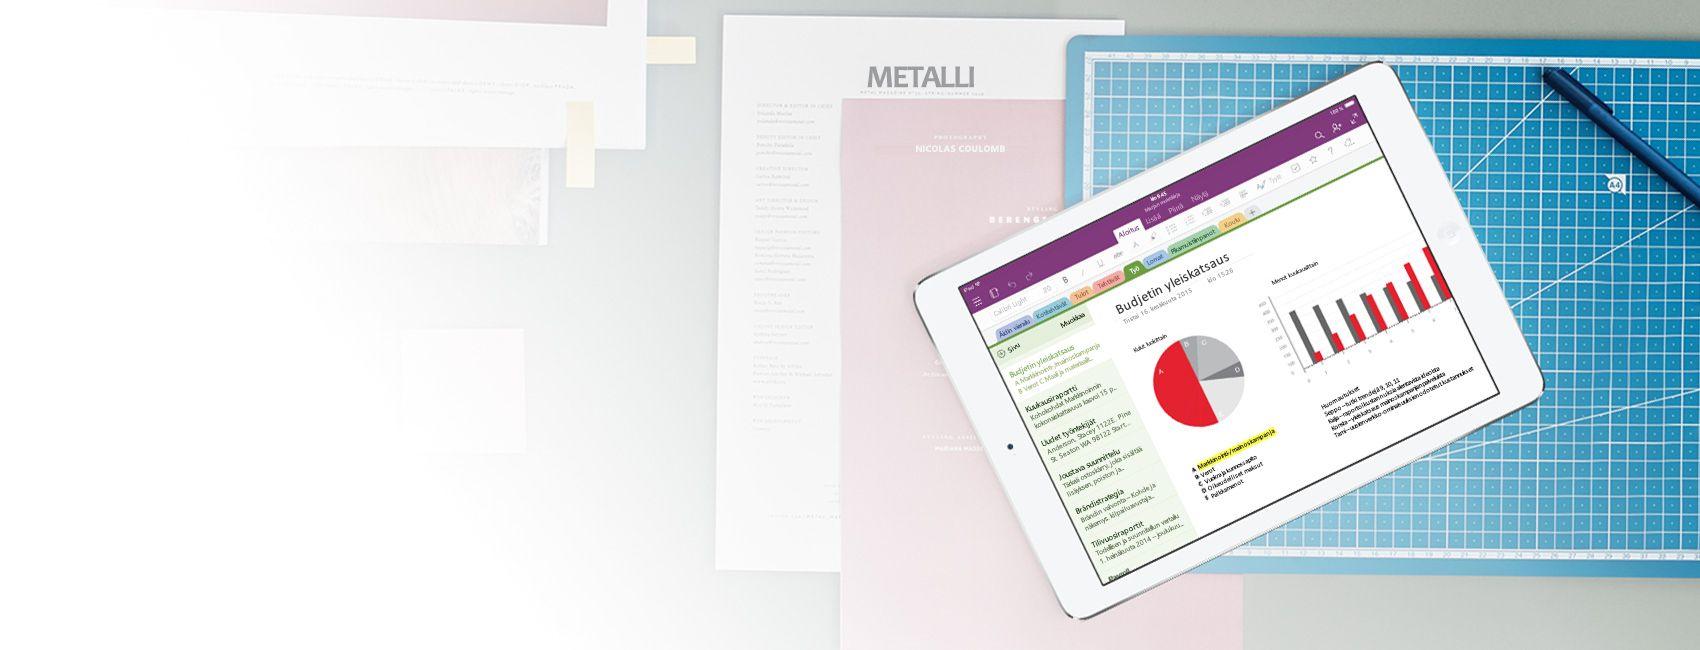 iPad, jossa näkyy OneNote-muistikirja ja siinä budjetin yleiskatsauskaavioita